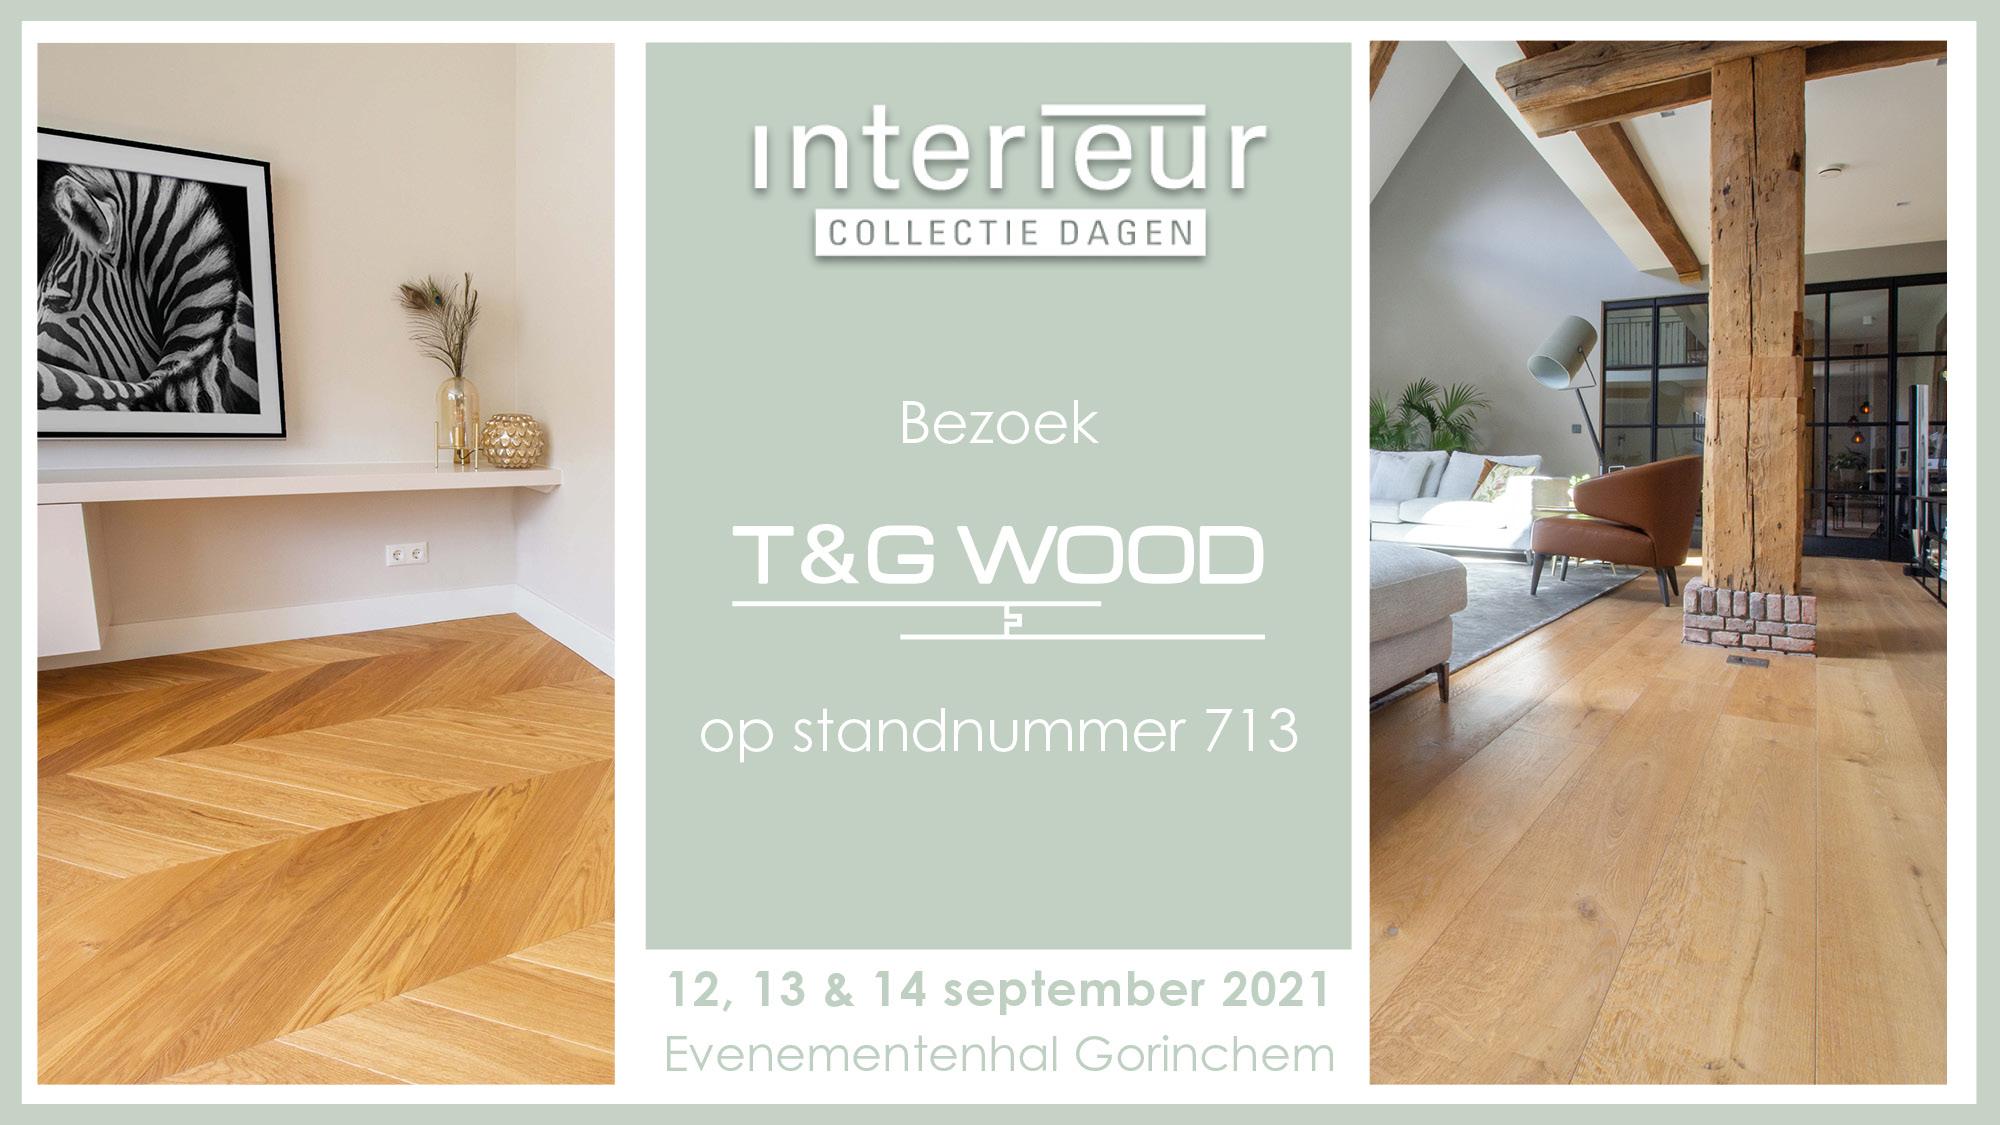 T&G Wood op de Interieur Collectie Dagen 2021